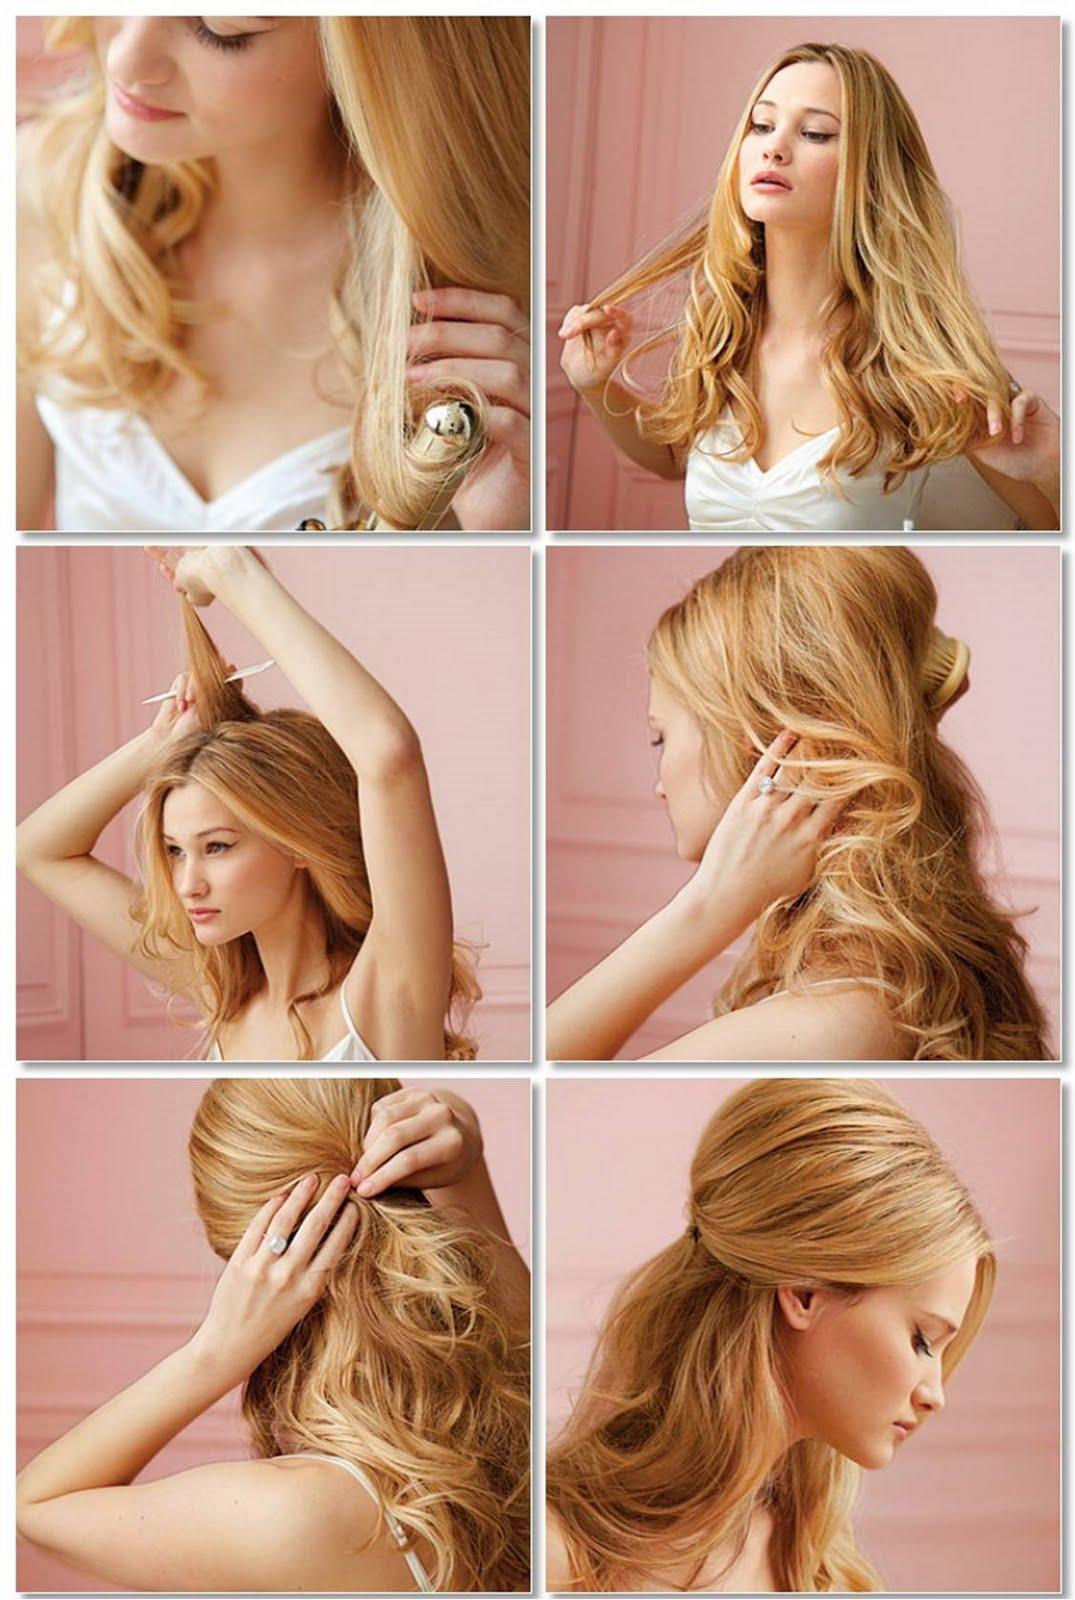 Elegante Frisuren Einfach Gemacht Für Lange Und Blonde Haare, Die Macht Frauen Sehen Eher Fröhlich Und Schön